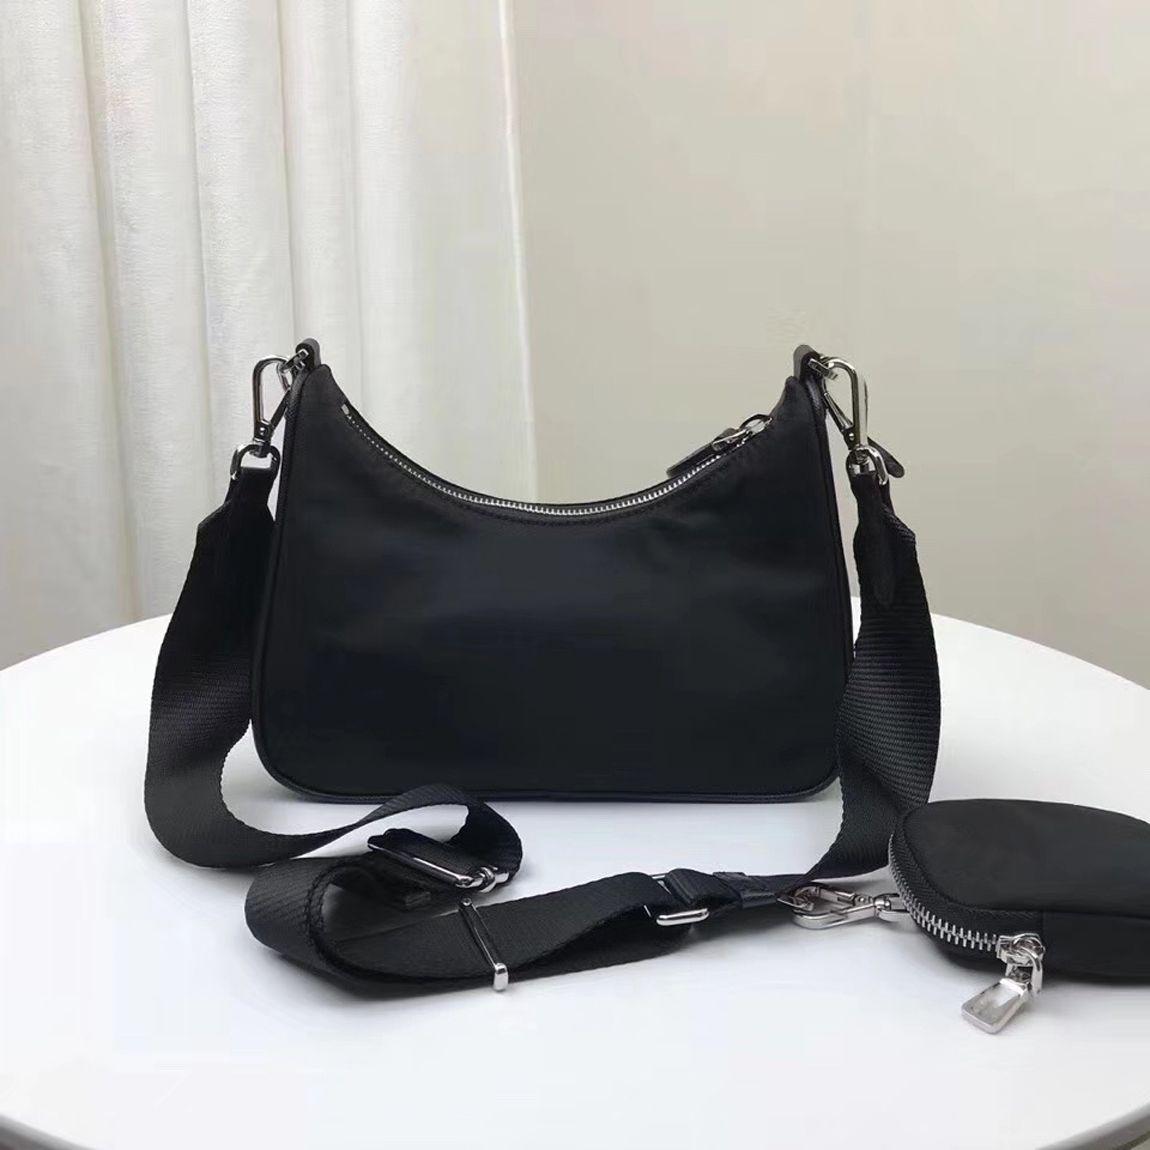 Großhandel luxurys designer taschen hobo tasche abendtasche mode handtasche top leinwand material unisex stil lenarm tasche